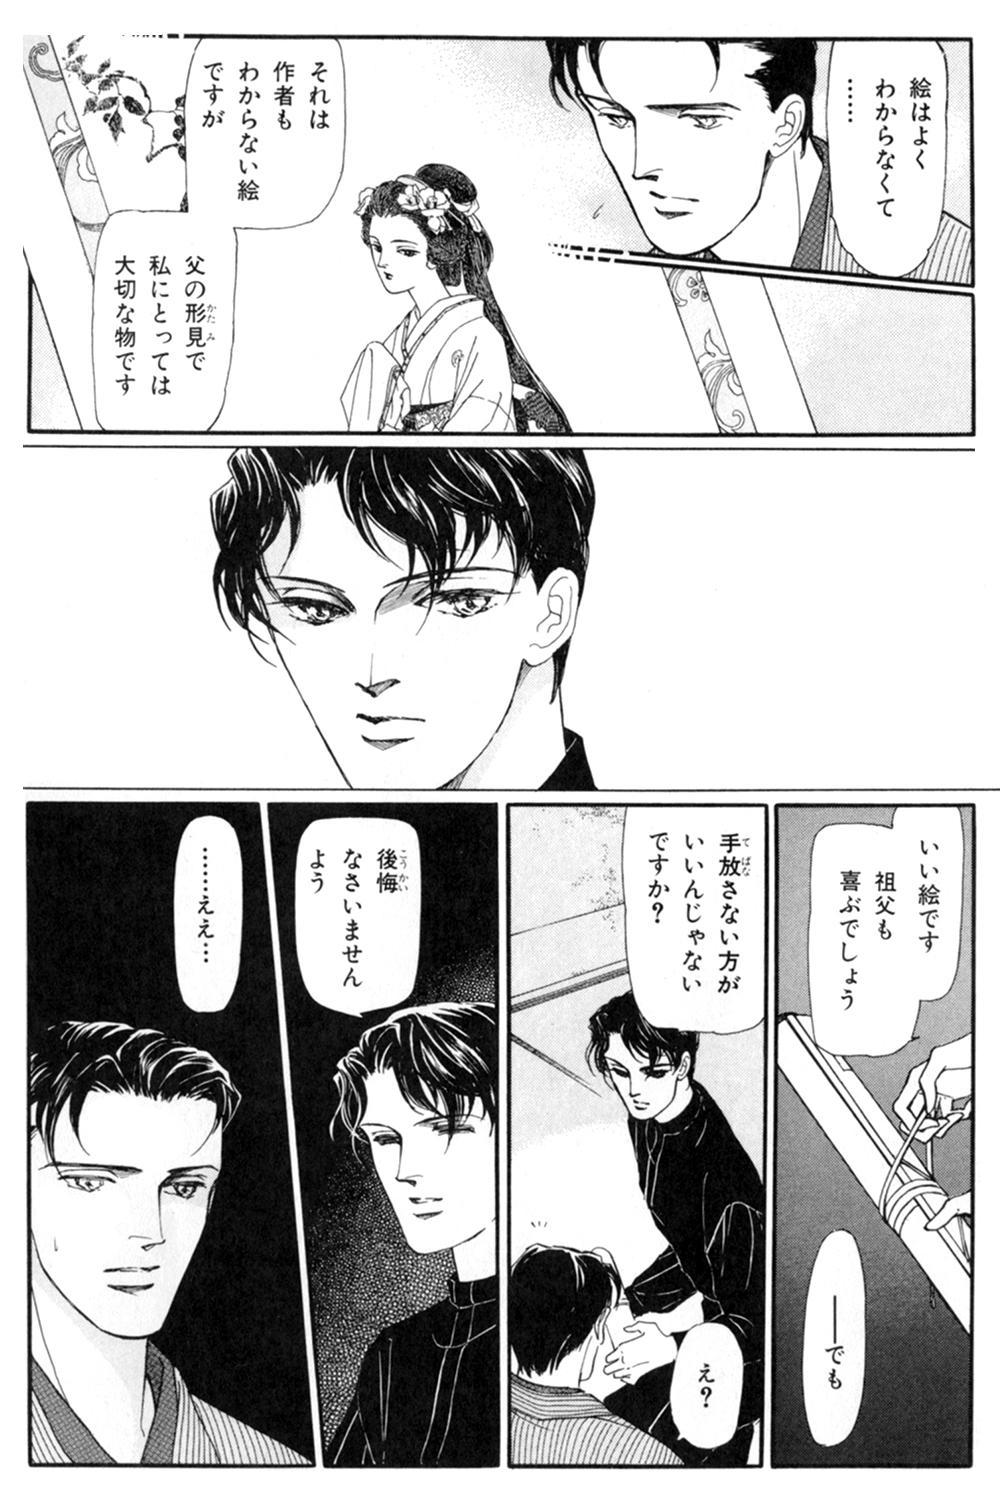 雨柳堂夢咄 第1話「花椿の恋」①uryu07.jpg